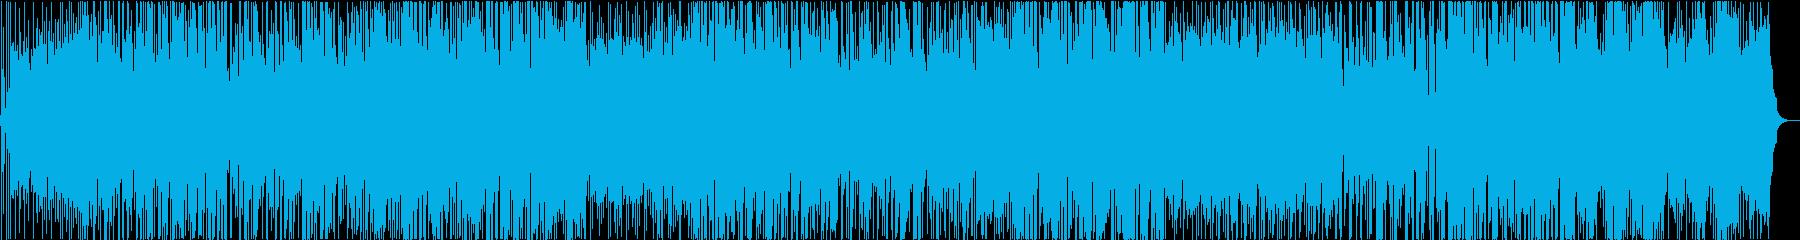 軽快に跳ねる楽しいポップチューンの再生済みの波形